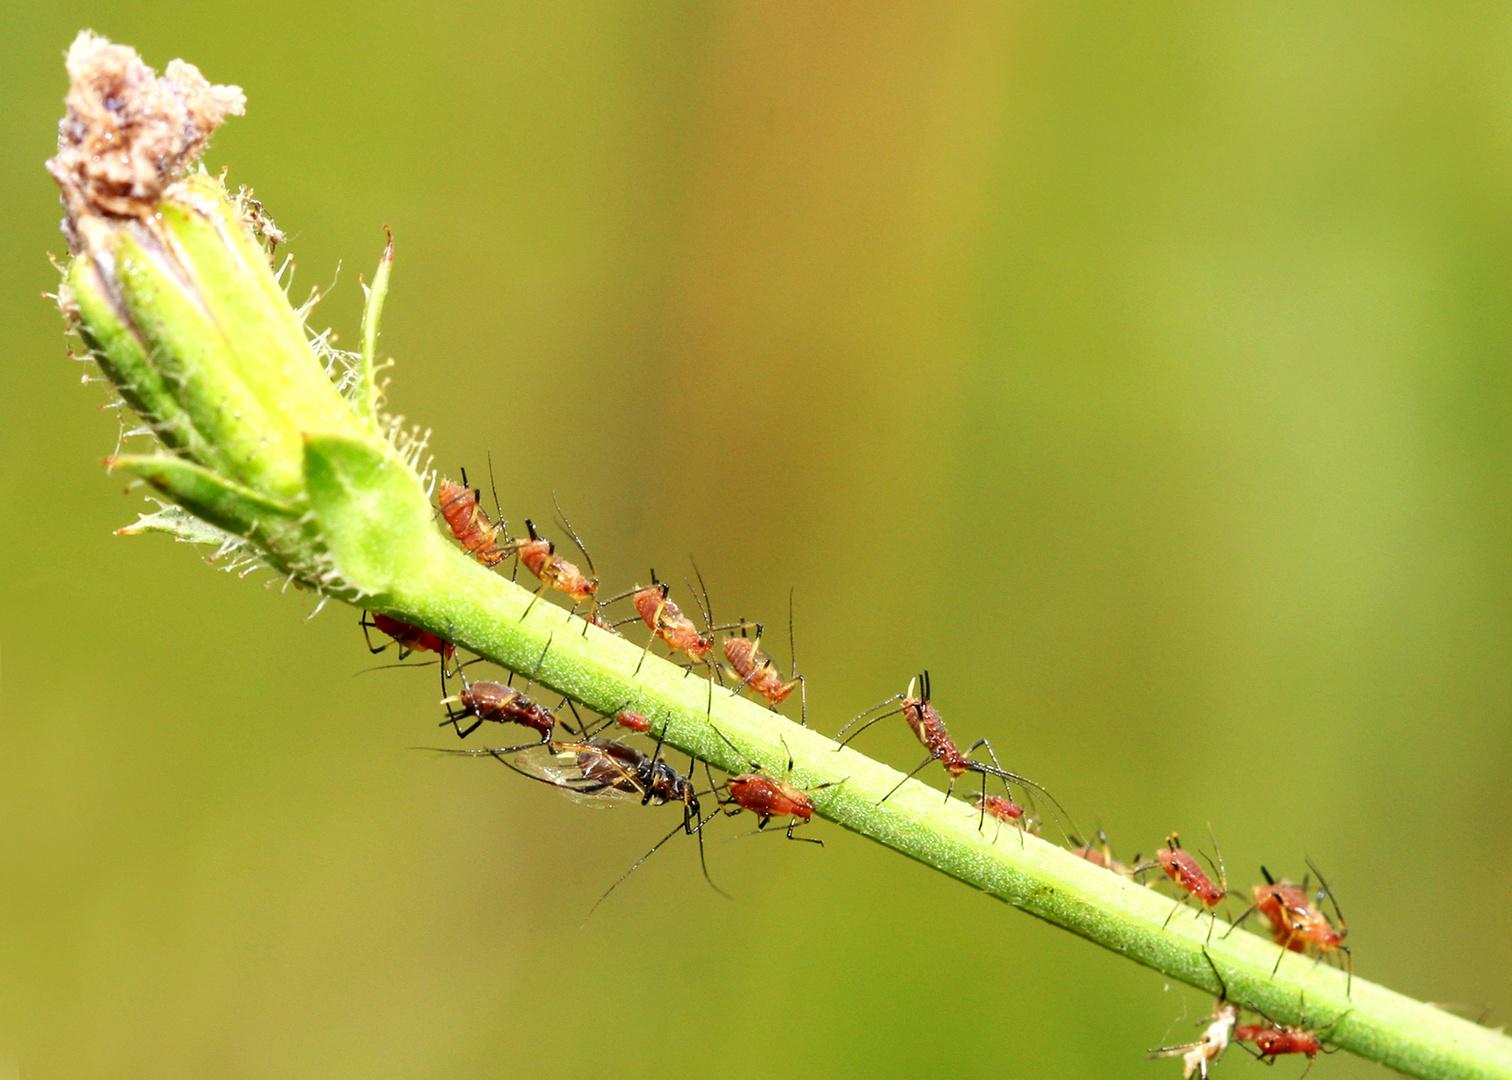 l use schaschlik foto bild tiere wildlife insekten. Black Bedroom Furniture Sets. Home Design Ideas